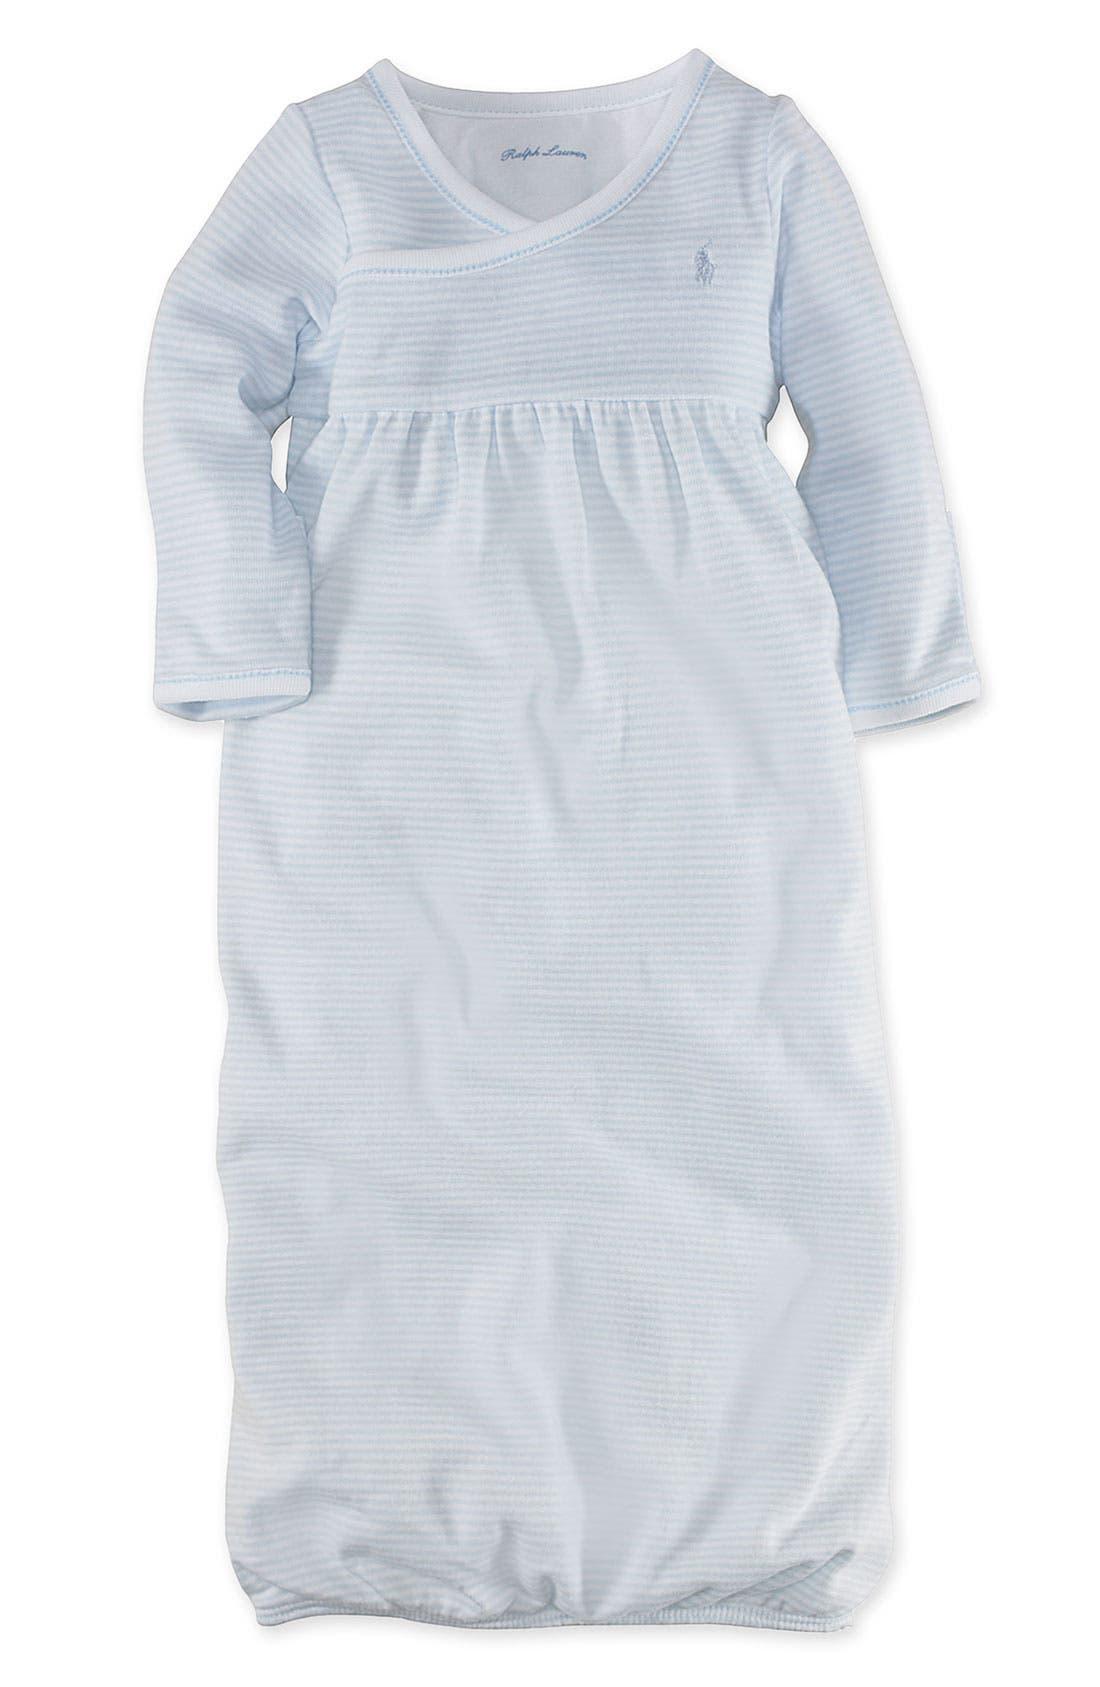 Alternate Image 1 Selected - Ralph Lauren Surplice Gown (Infant)